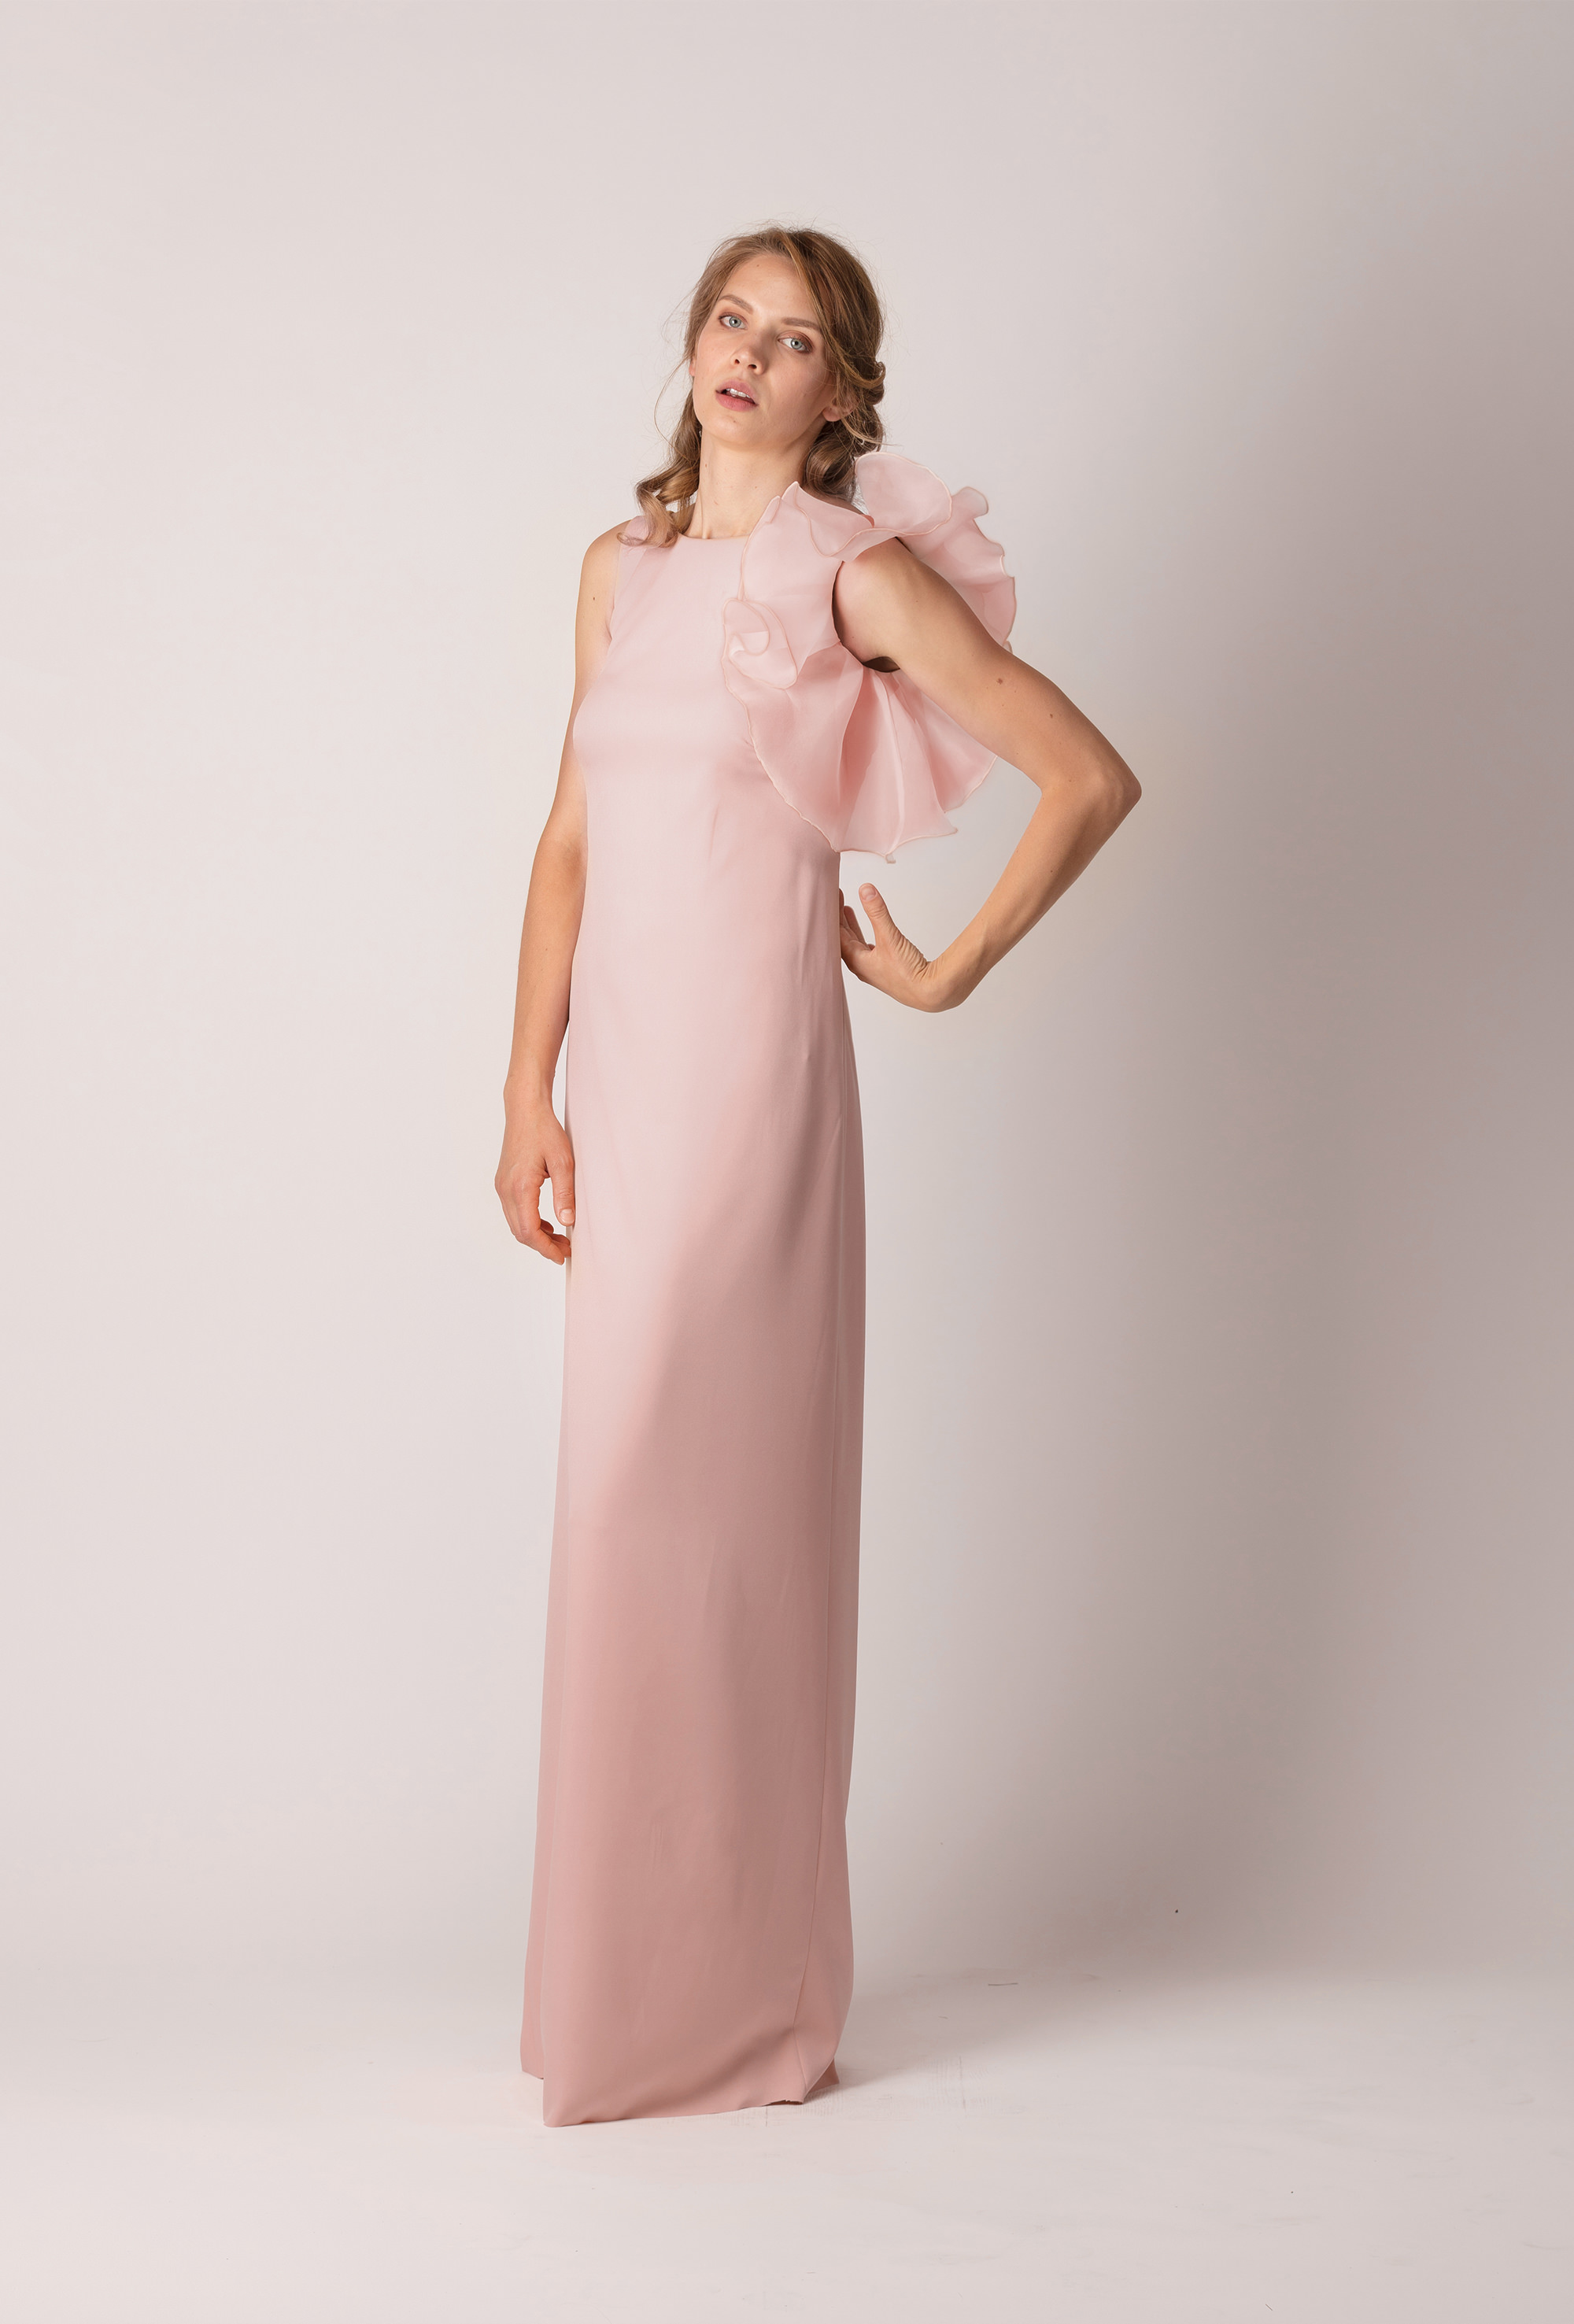 58cdacdc9b ... rózsaszín, hosszú, oldalfodros alkalmi ruha ...